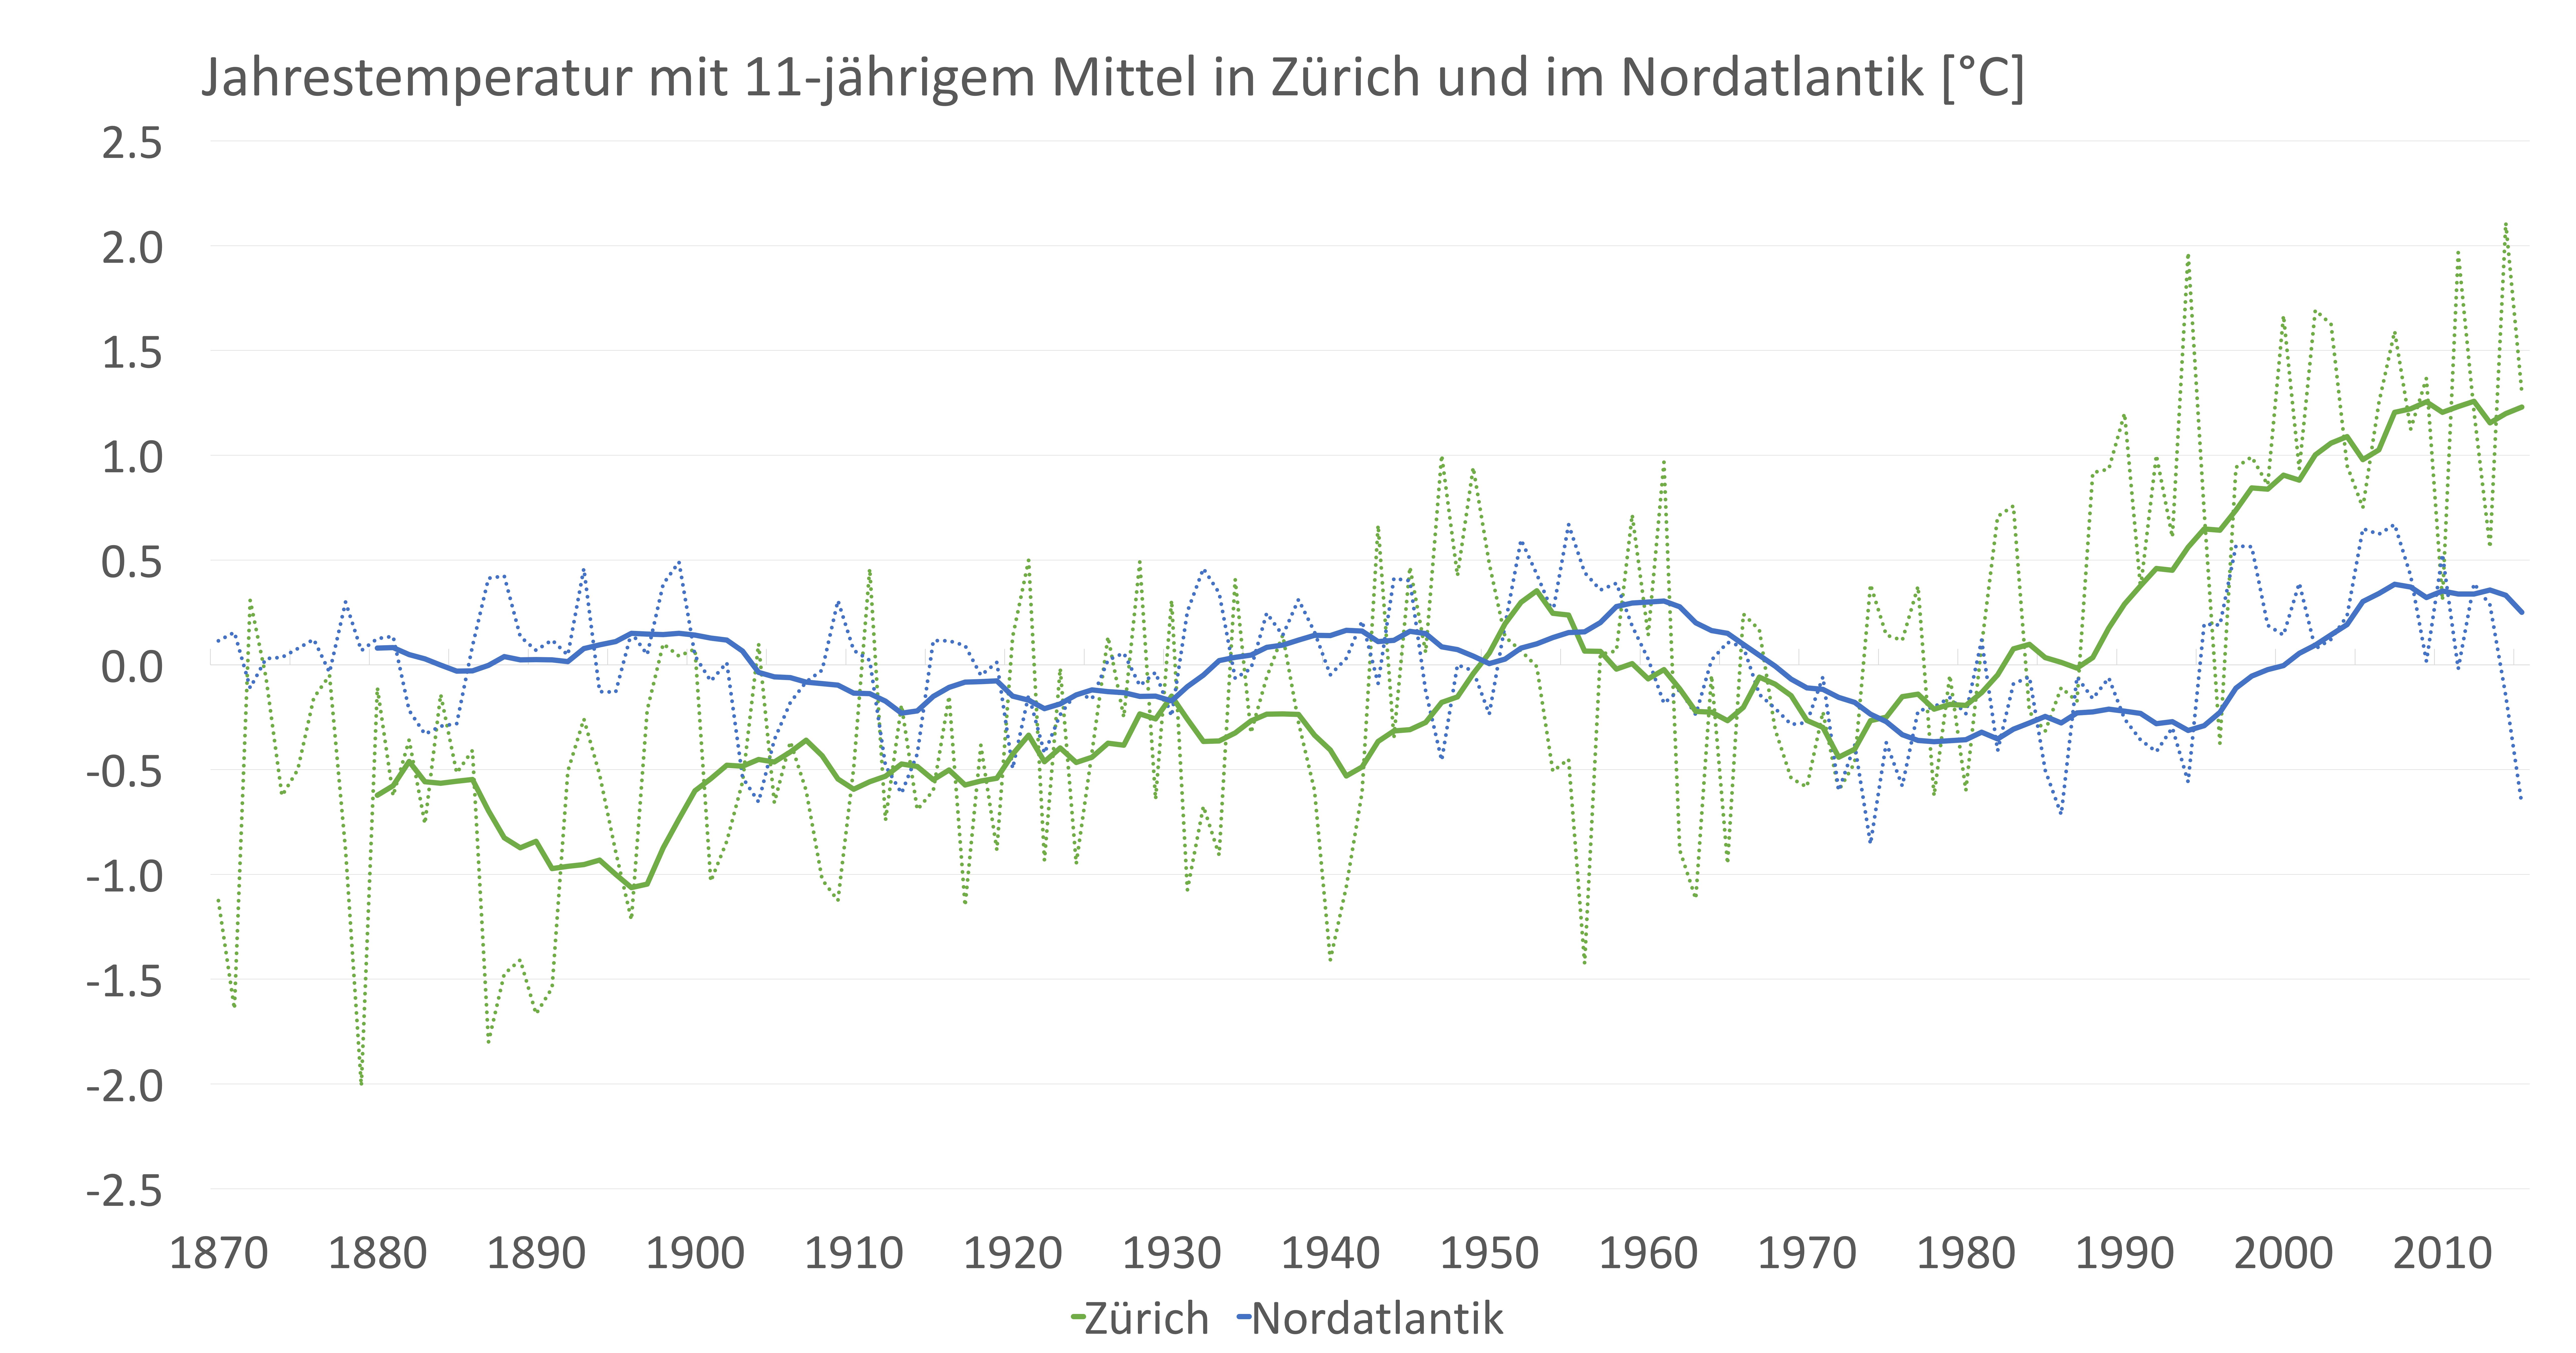 Zwischen der Temperaturreihe von Zürich (in Grün) und jener des Nordatlantiks (in Blau) gibt es Ähnlichkeiten. Die aktuelle Abkühlung des Nordatlantiks löst in Mitteleuropa aber kaum eine Abkühlung aus. Vielmehr werden beide Temperaturreihen von globalen Faktoren gesteuert, wobei Zürich über dem Land schneller auf Veränderungen reagiert als der träge Ozean.